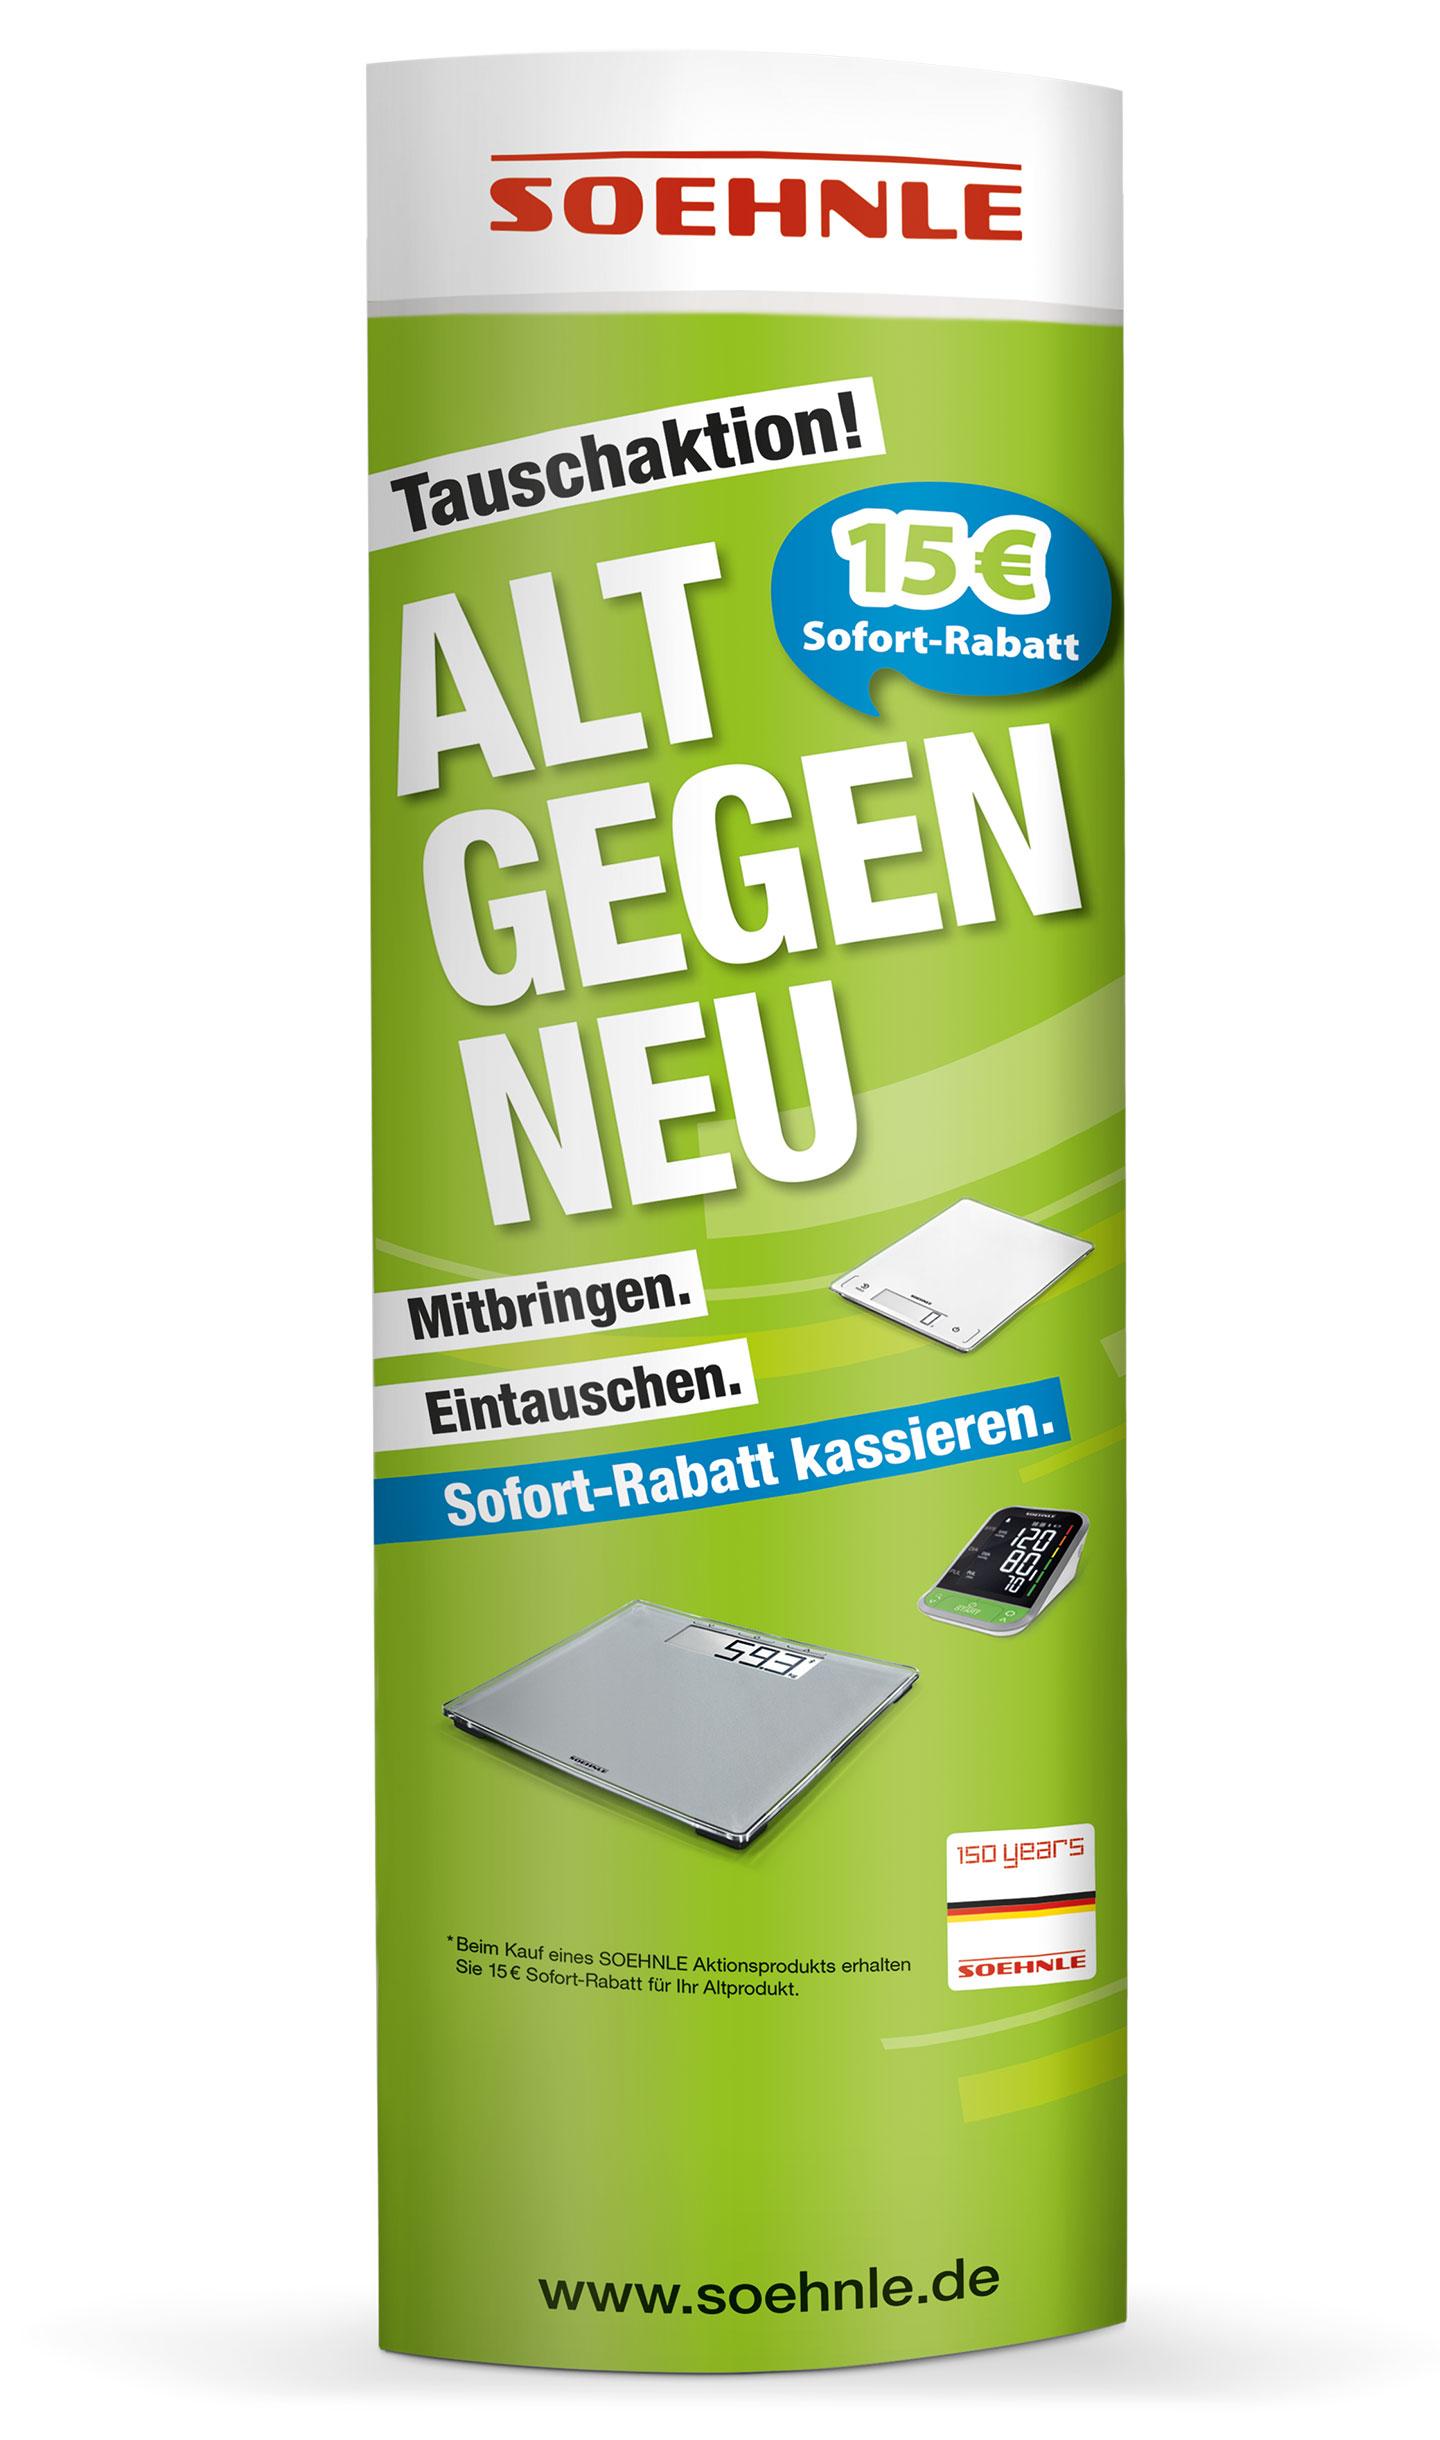 P12 Werbeagentur Referenz Soehnle Alt gegen Neu Kampagne 2018 Vermarktungstools POS Ellipse